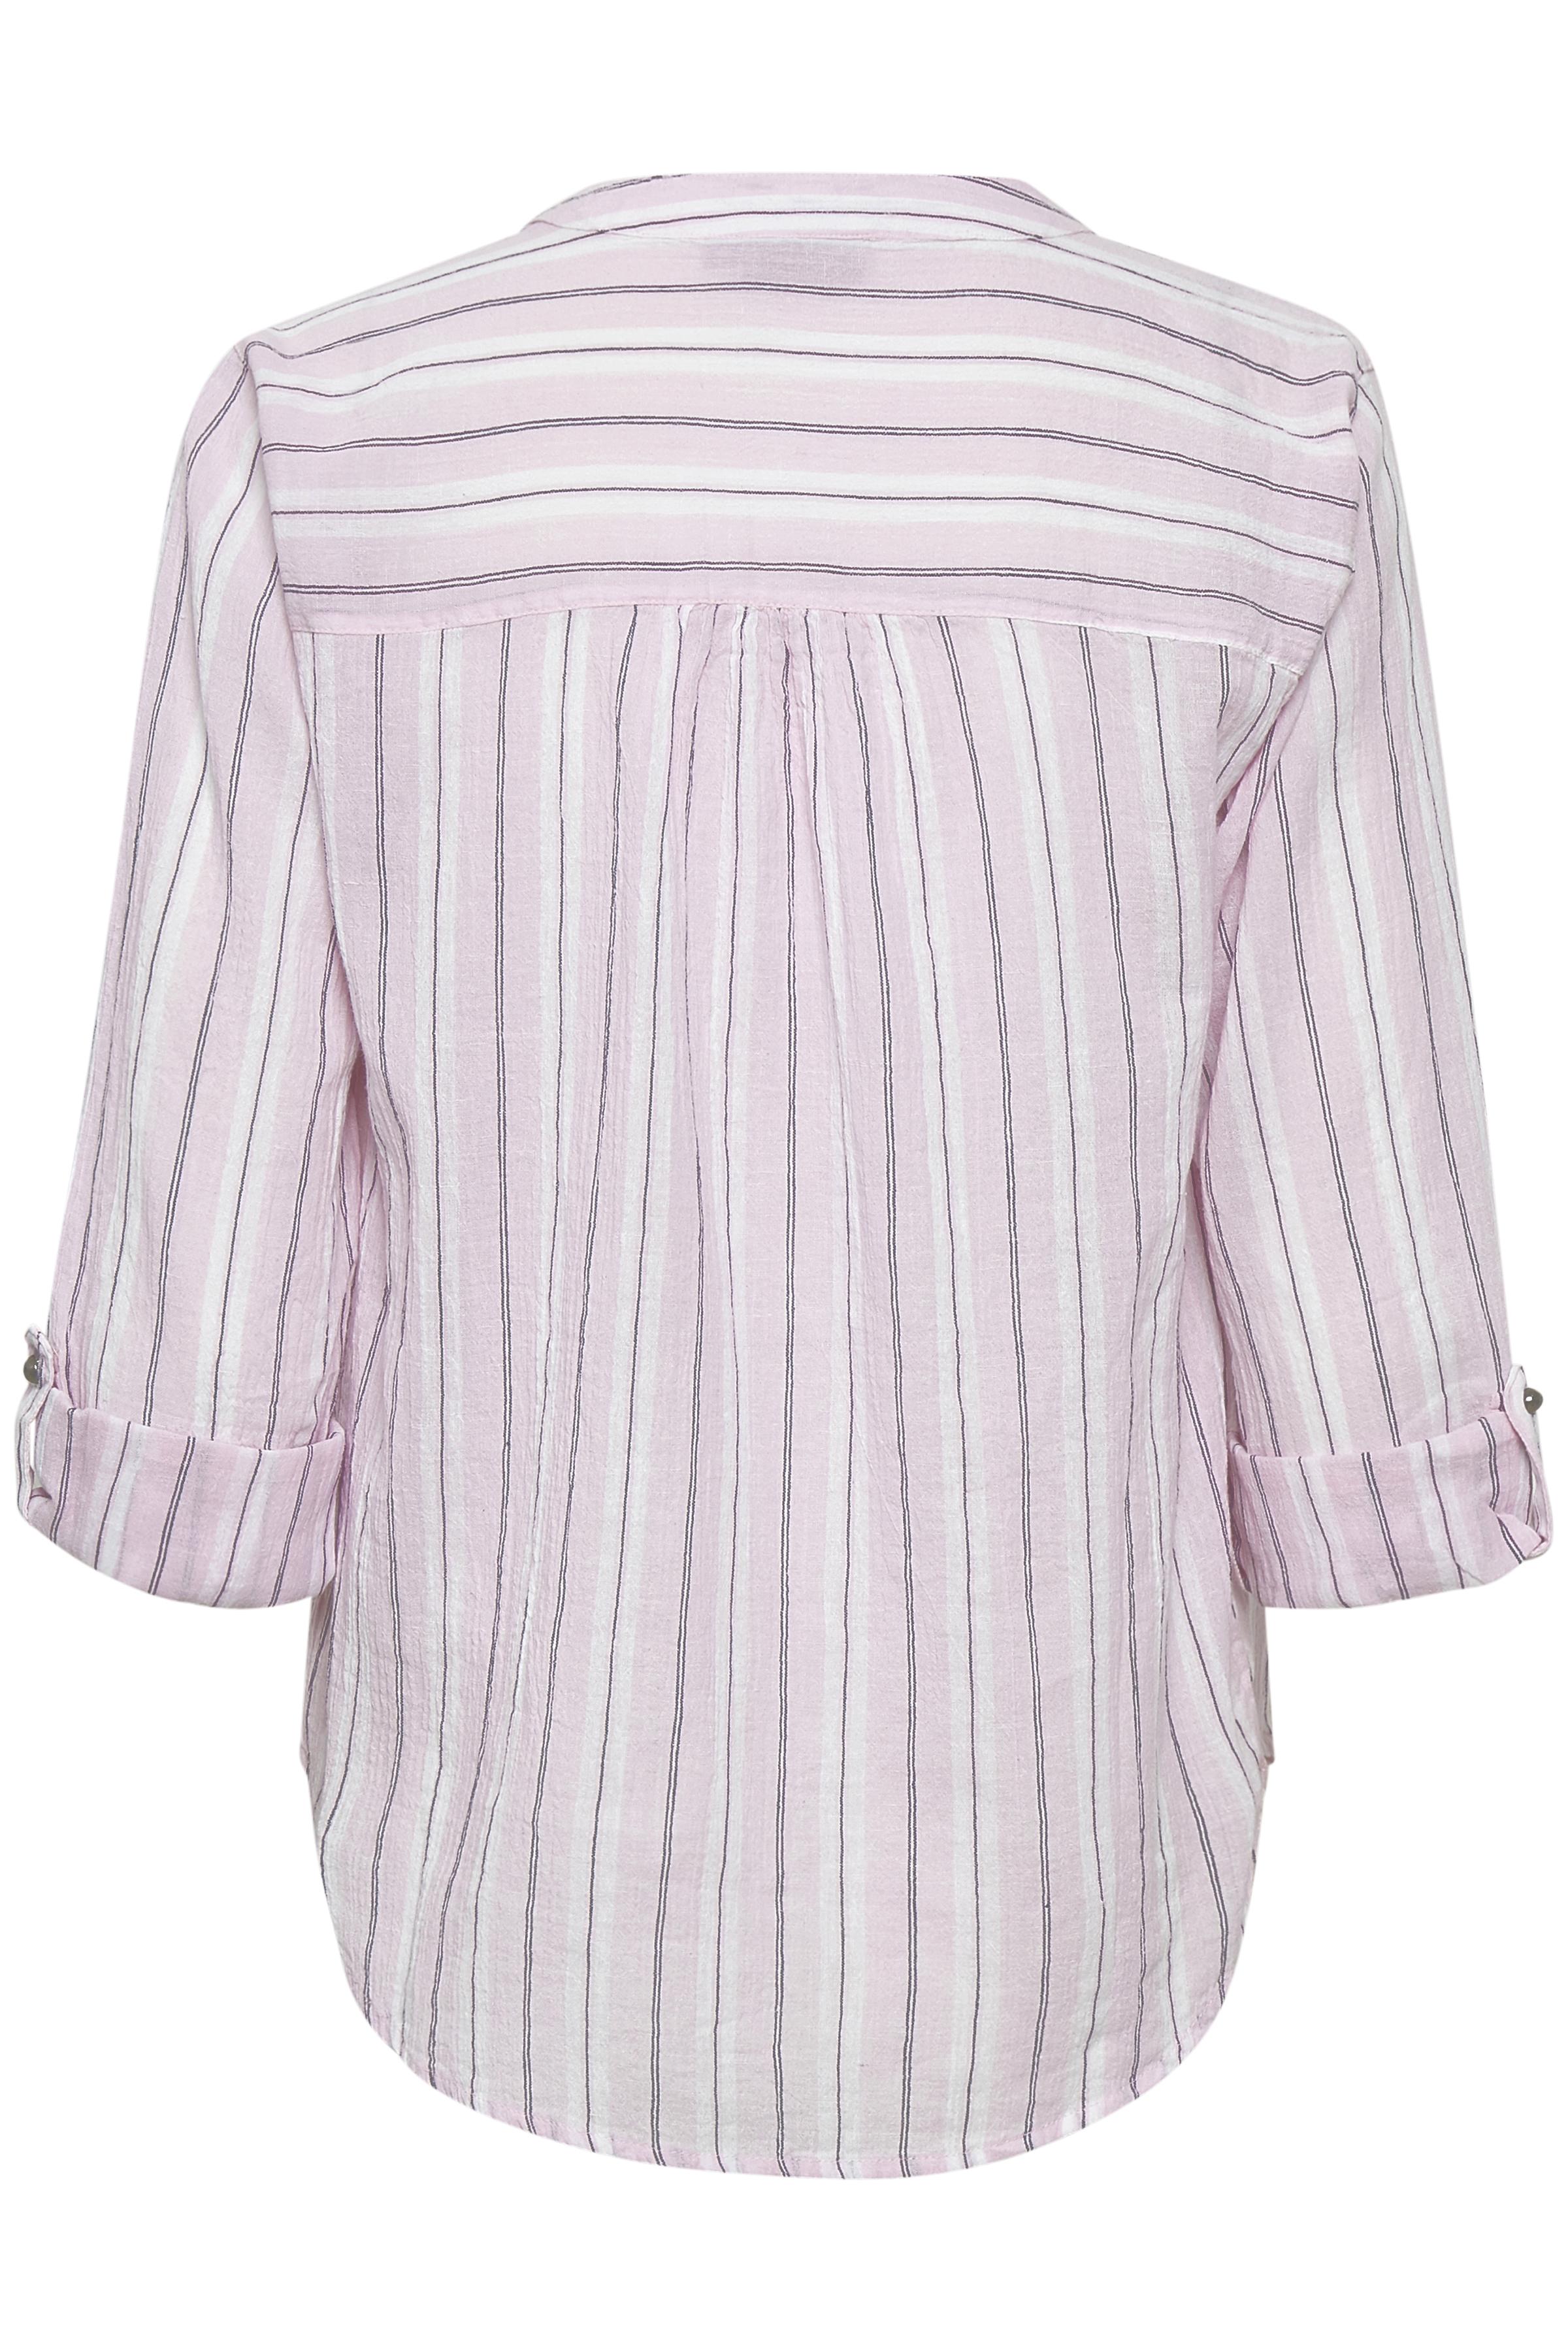 Hvid/sort Langærmet bluse fra Fransa – Køb Hvid/sort Langærmet bluse fra str. XS-XXL her